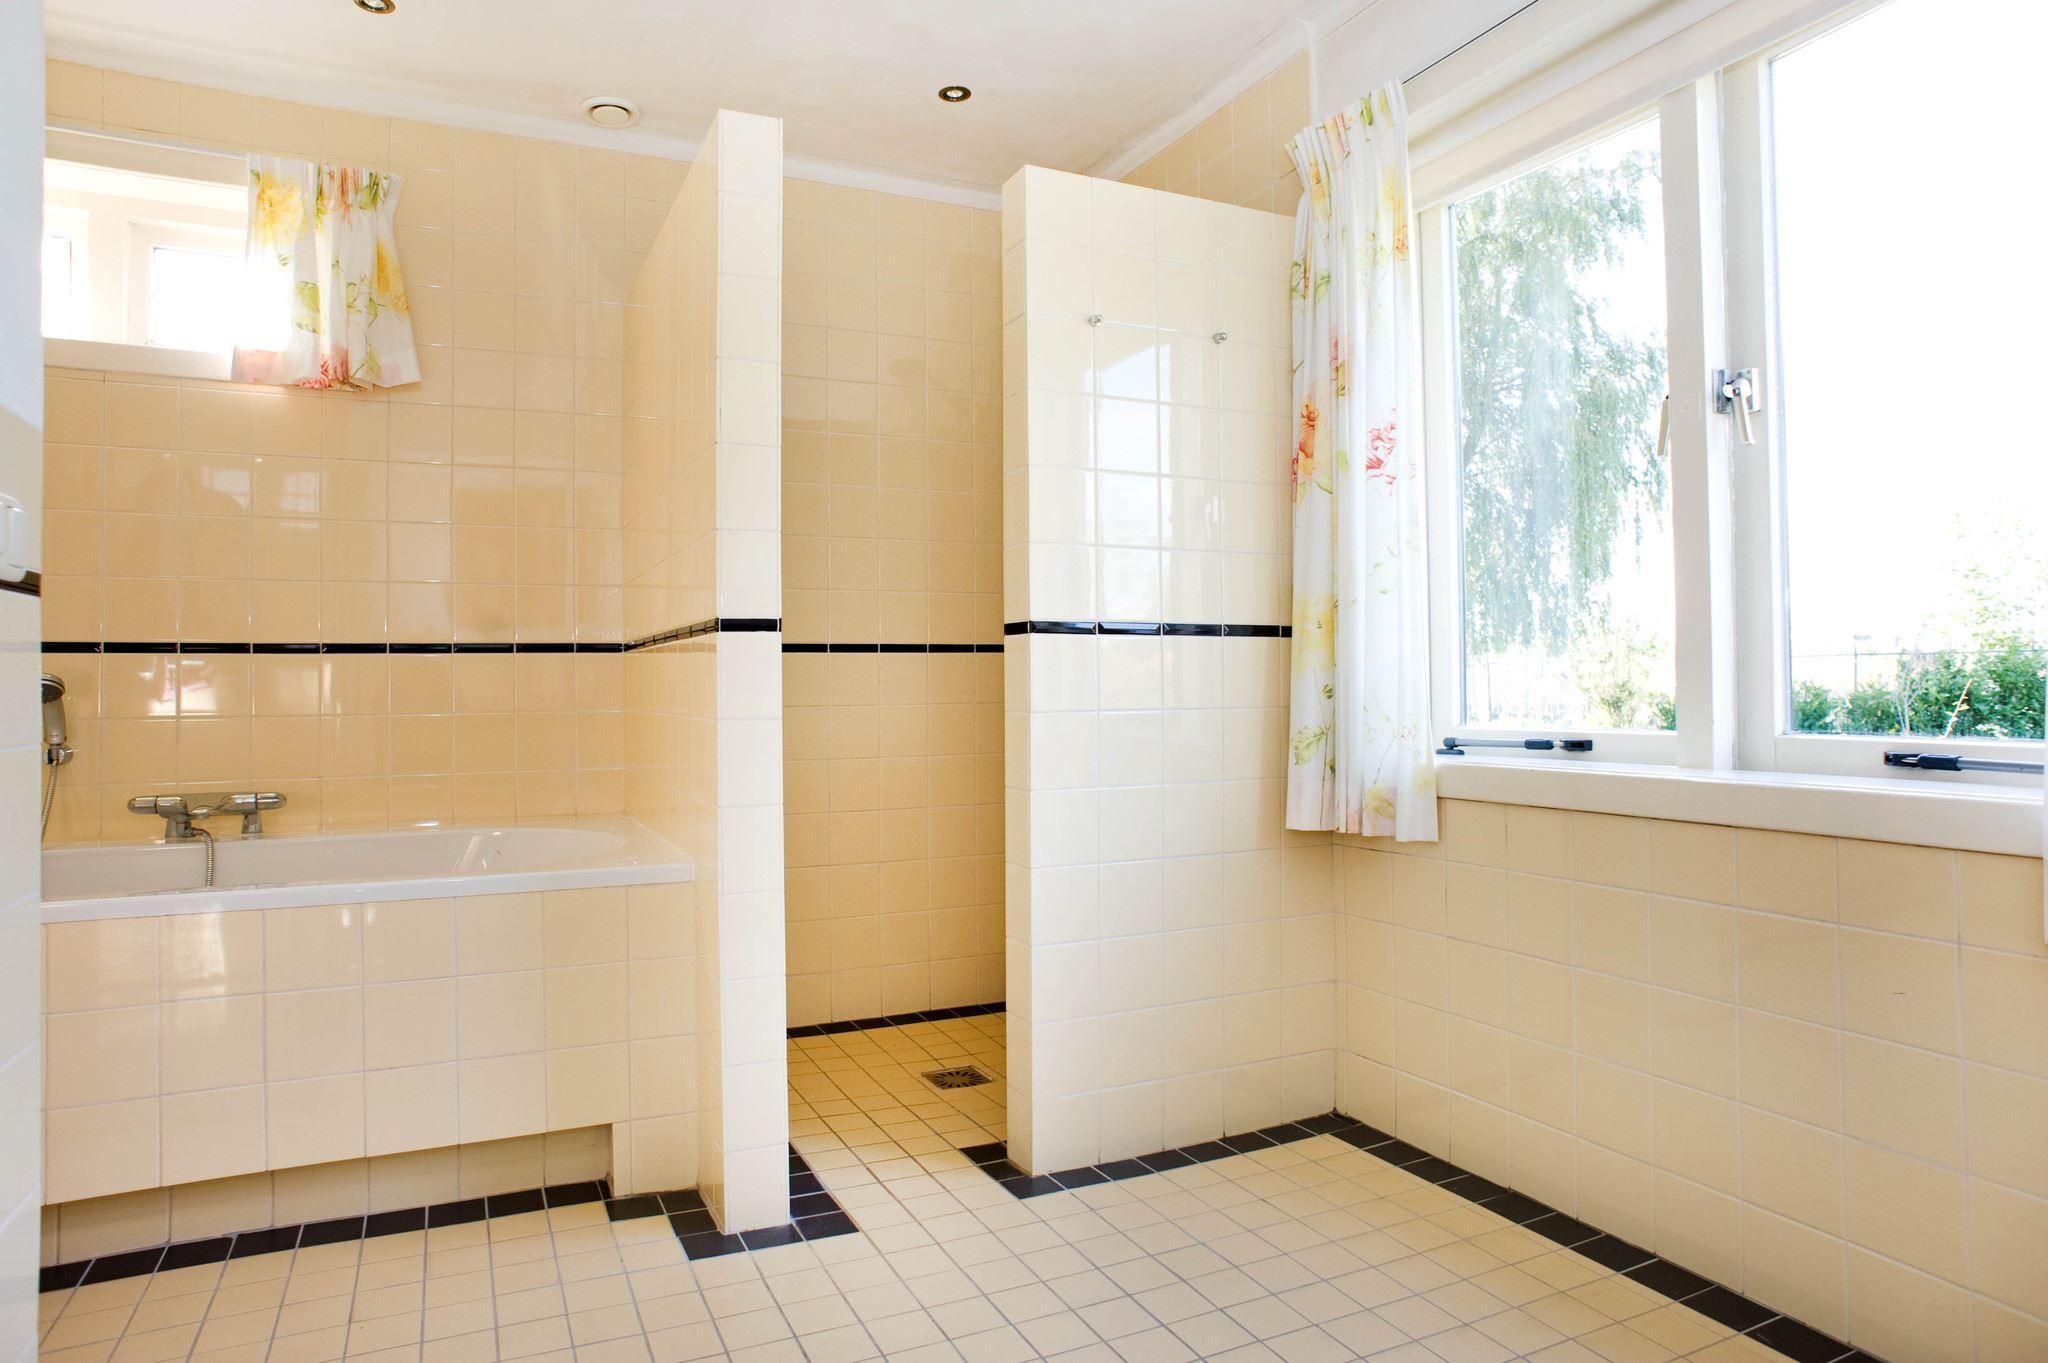 Hedendaags Jaren30woningen.nl | Sobere, maar stijlvolle badkamer in jaren 30 RO-27